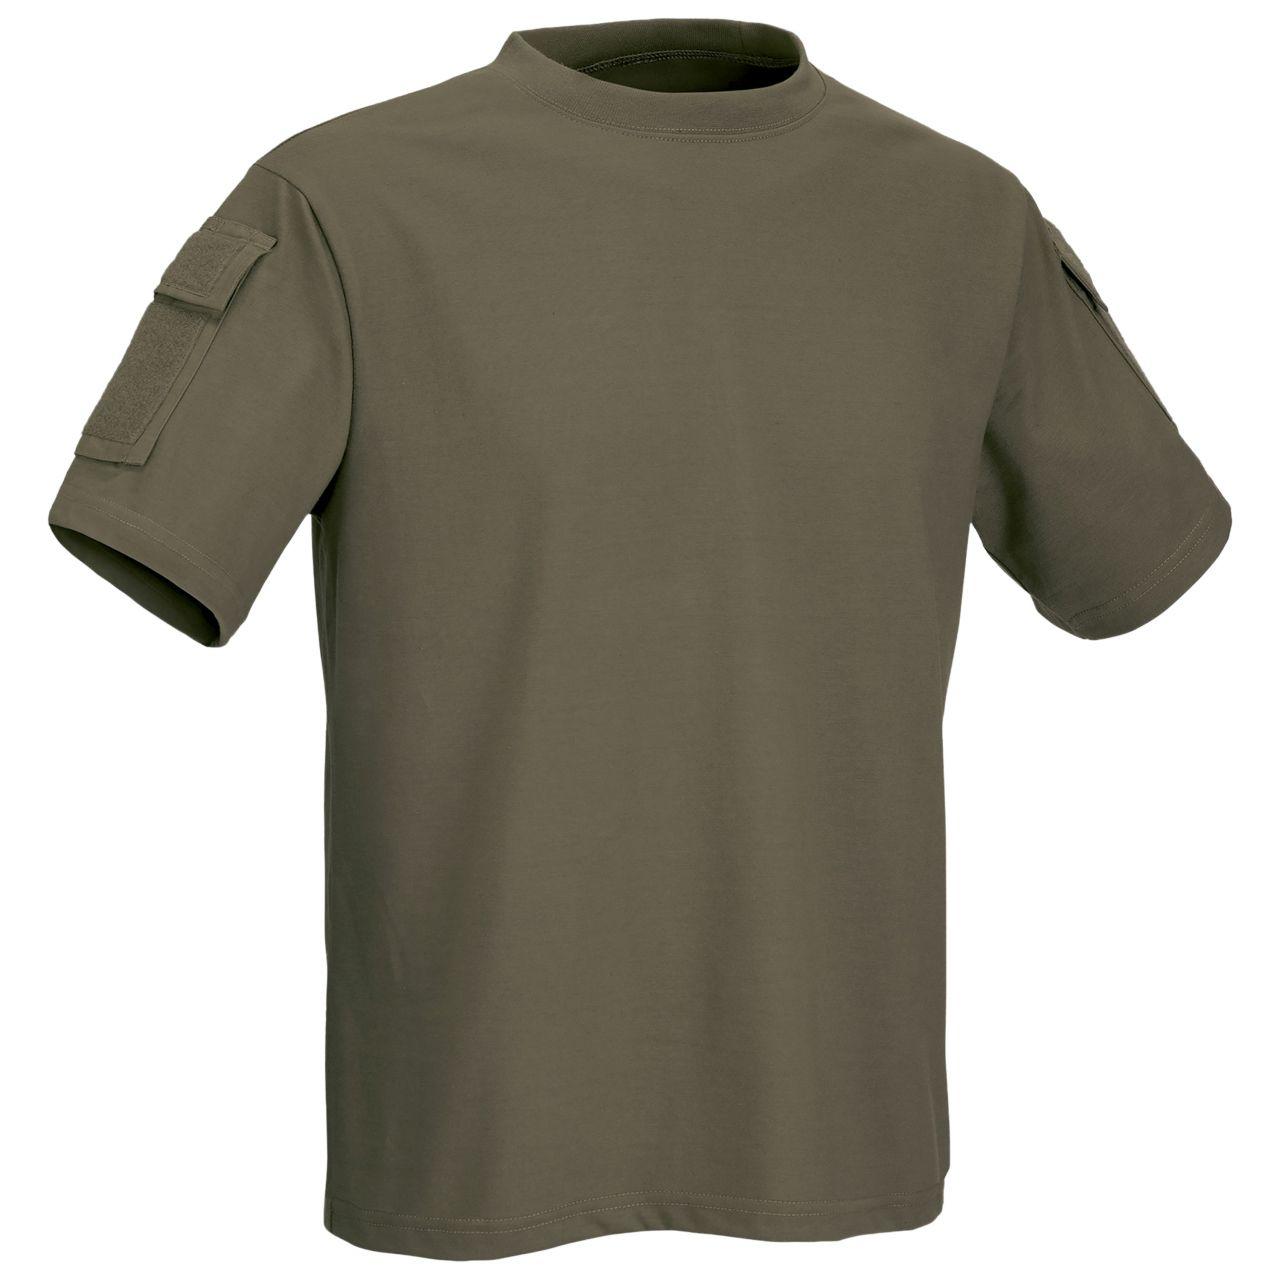 Camiseta Defcon 5 Tactical coyote